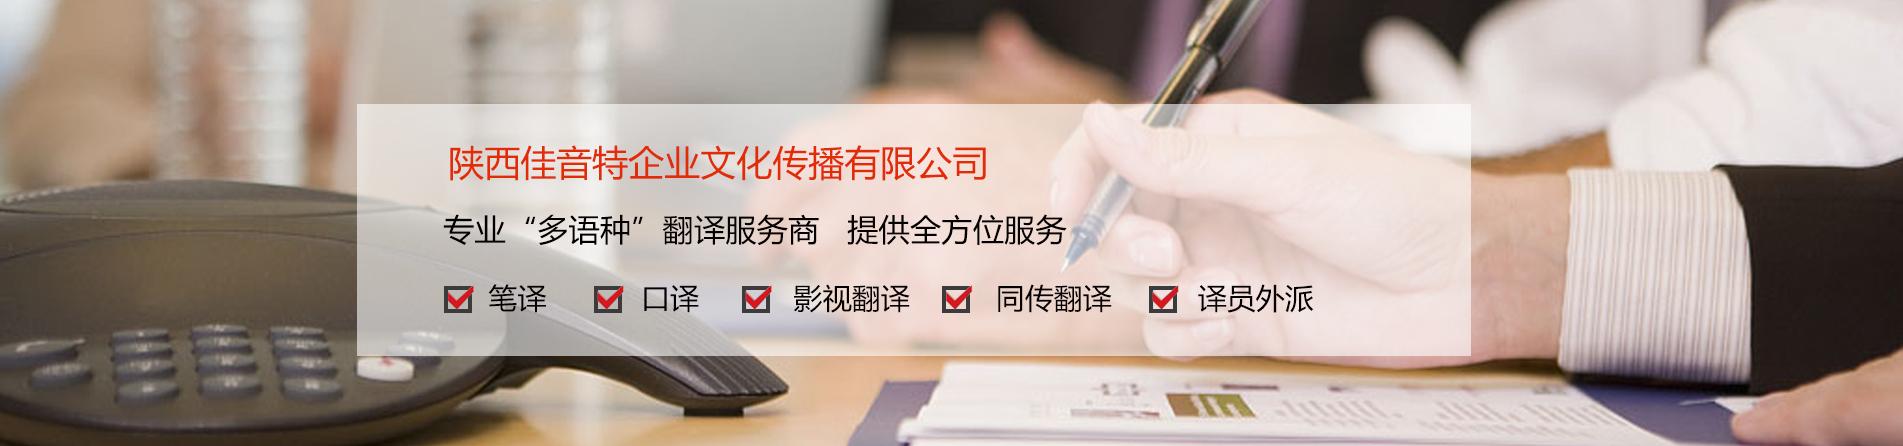 西安翻译设备租赁